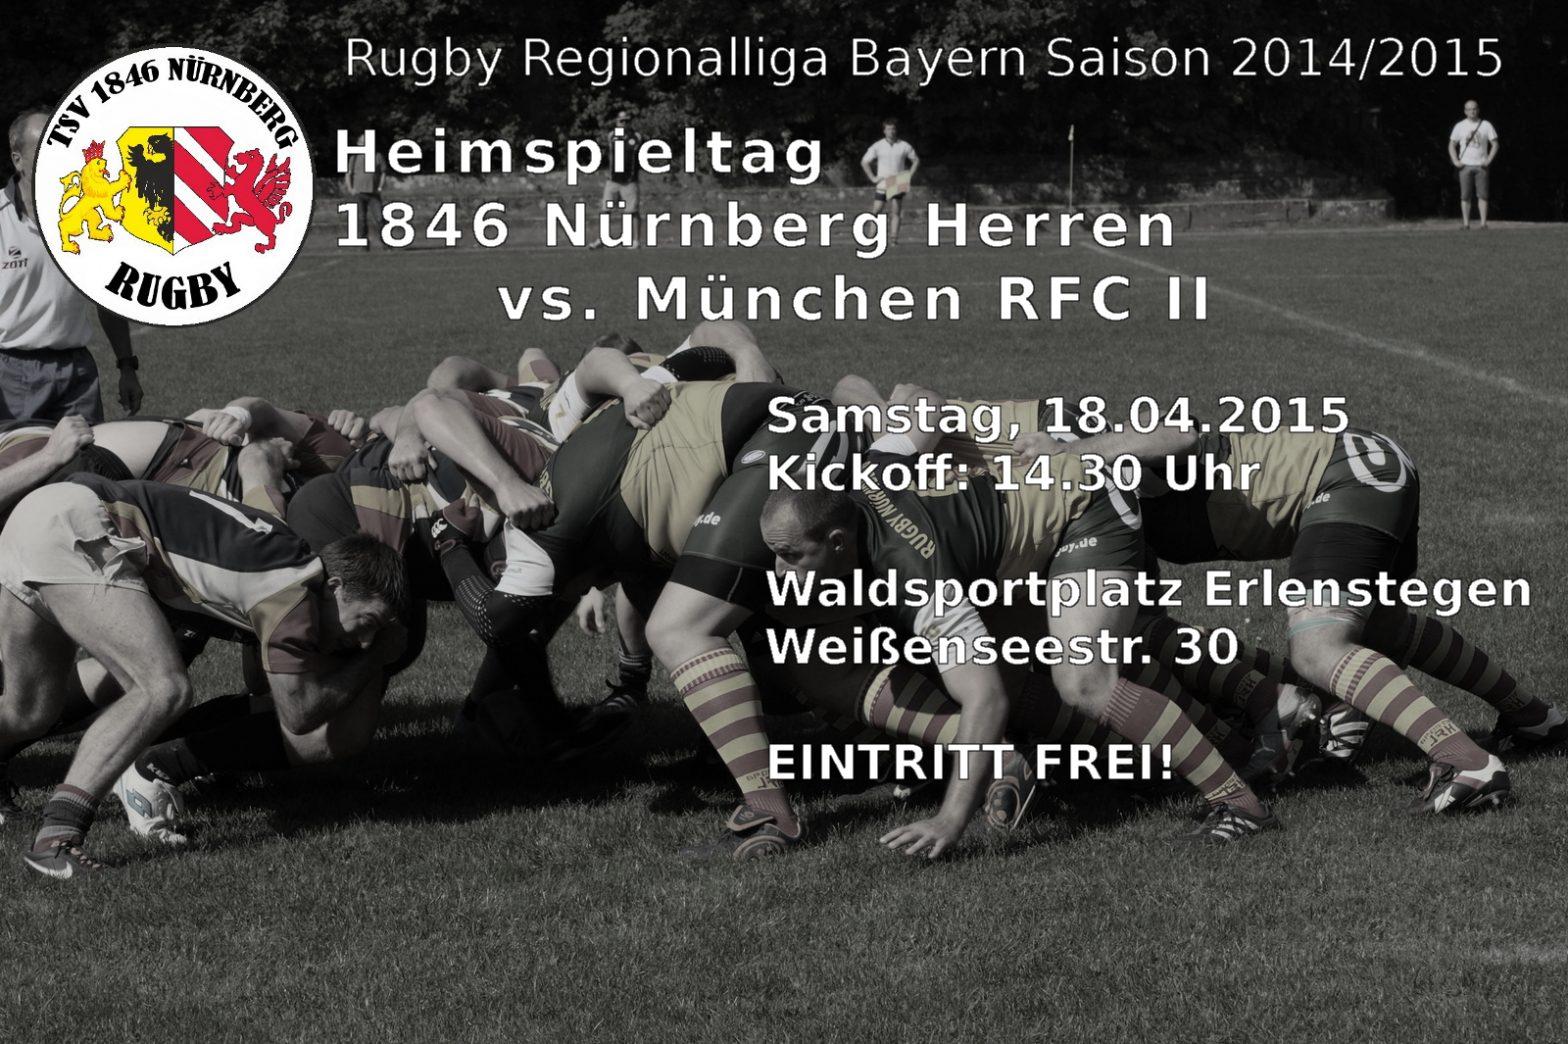 Heimspiel am Samstag! Rugby Regionalliga Bayern – TSV 1846 Nürnberg (Herren) vs. München RFC II